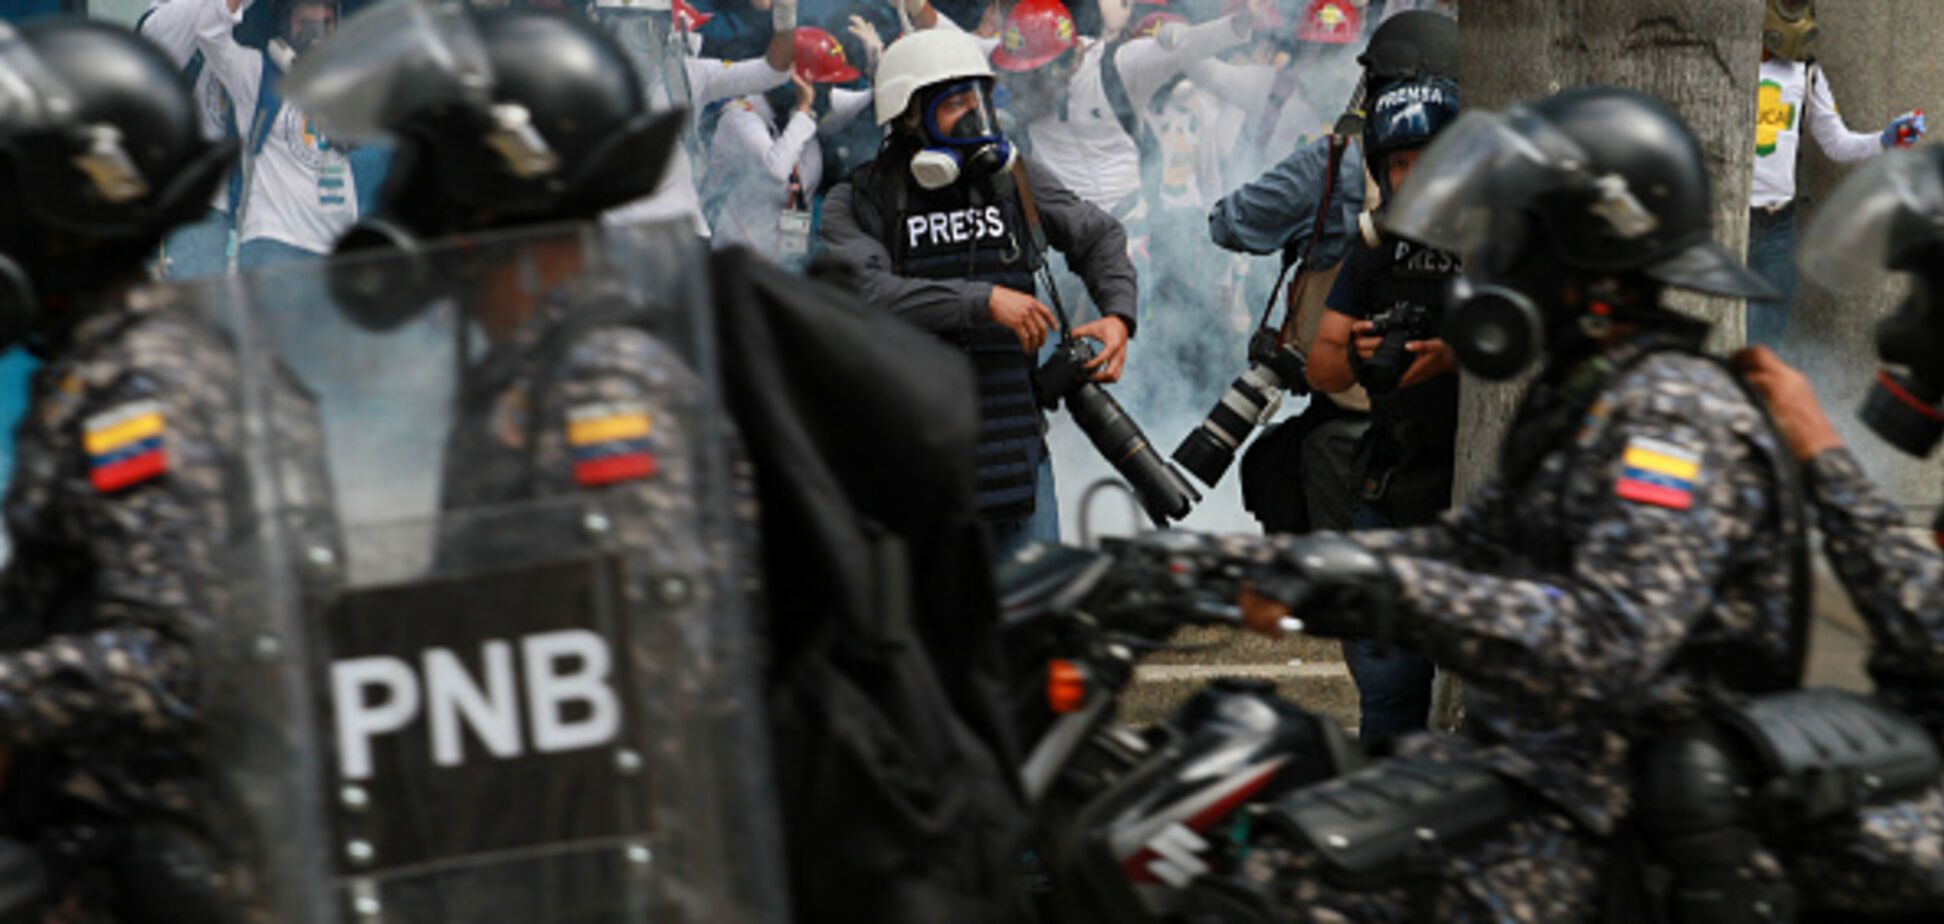 Теракт на військовій базі у Венесуелі: влада повідомила подробиці повстання